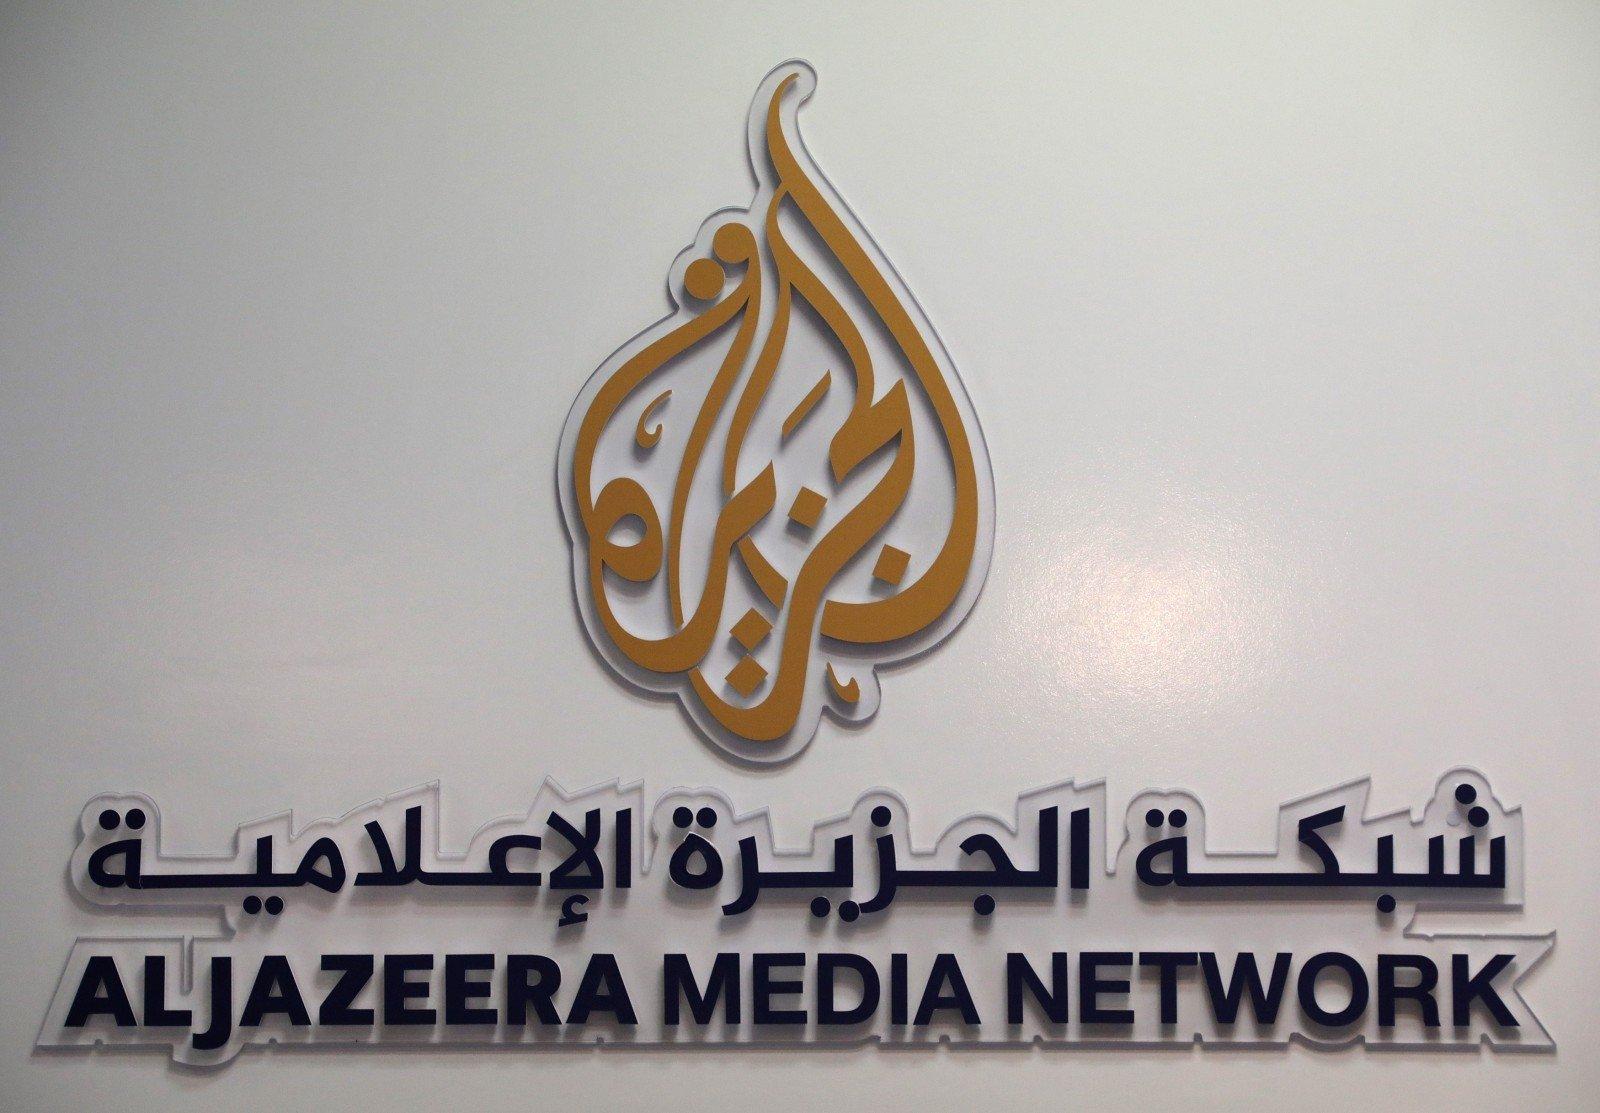 al-jazeera-